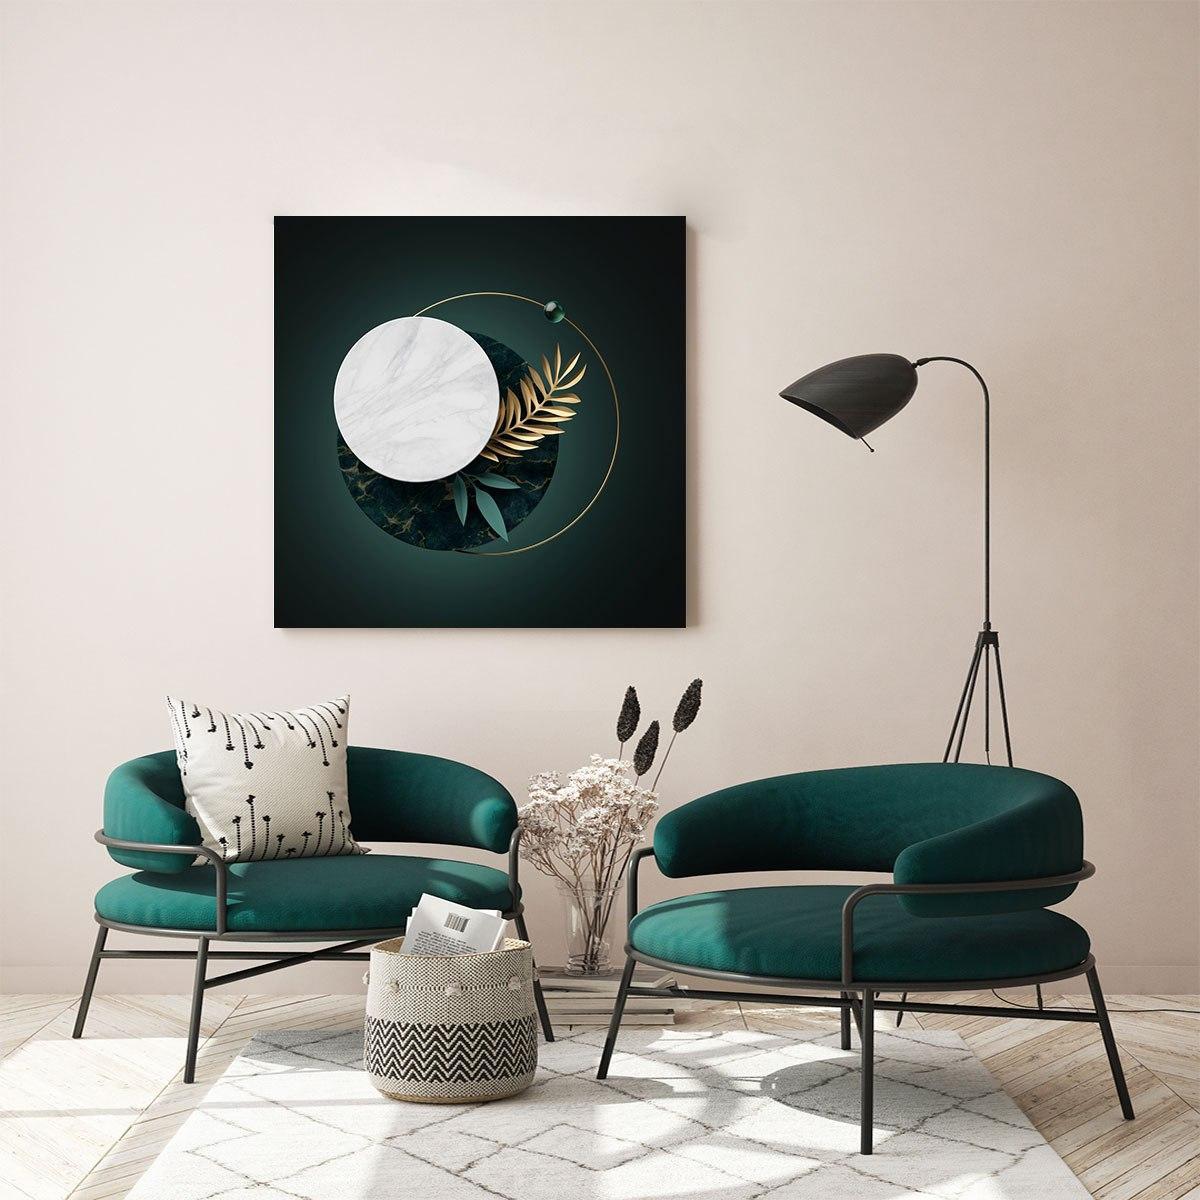 لوحات جدارية - مجسمات ثلاثية الأبعاد لأشكال هندسية دائرية - لوحات جدارية - كانفسي - لوحة فنية جدارية ثري دي بالألوان الجذابة التي تعطي طاقة حيوية وتفاؤل تتناسب مع جميع أثاثكم شاهد المزيد في متجر كانفسي